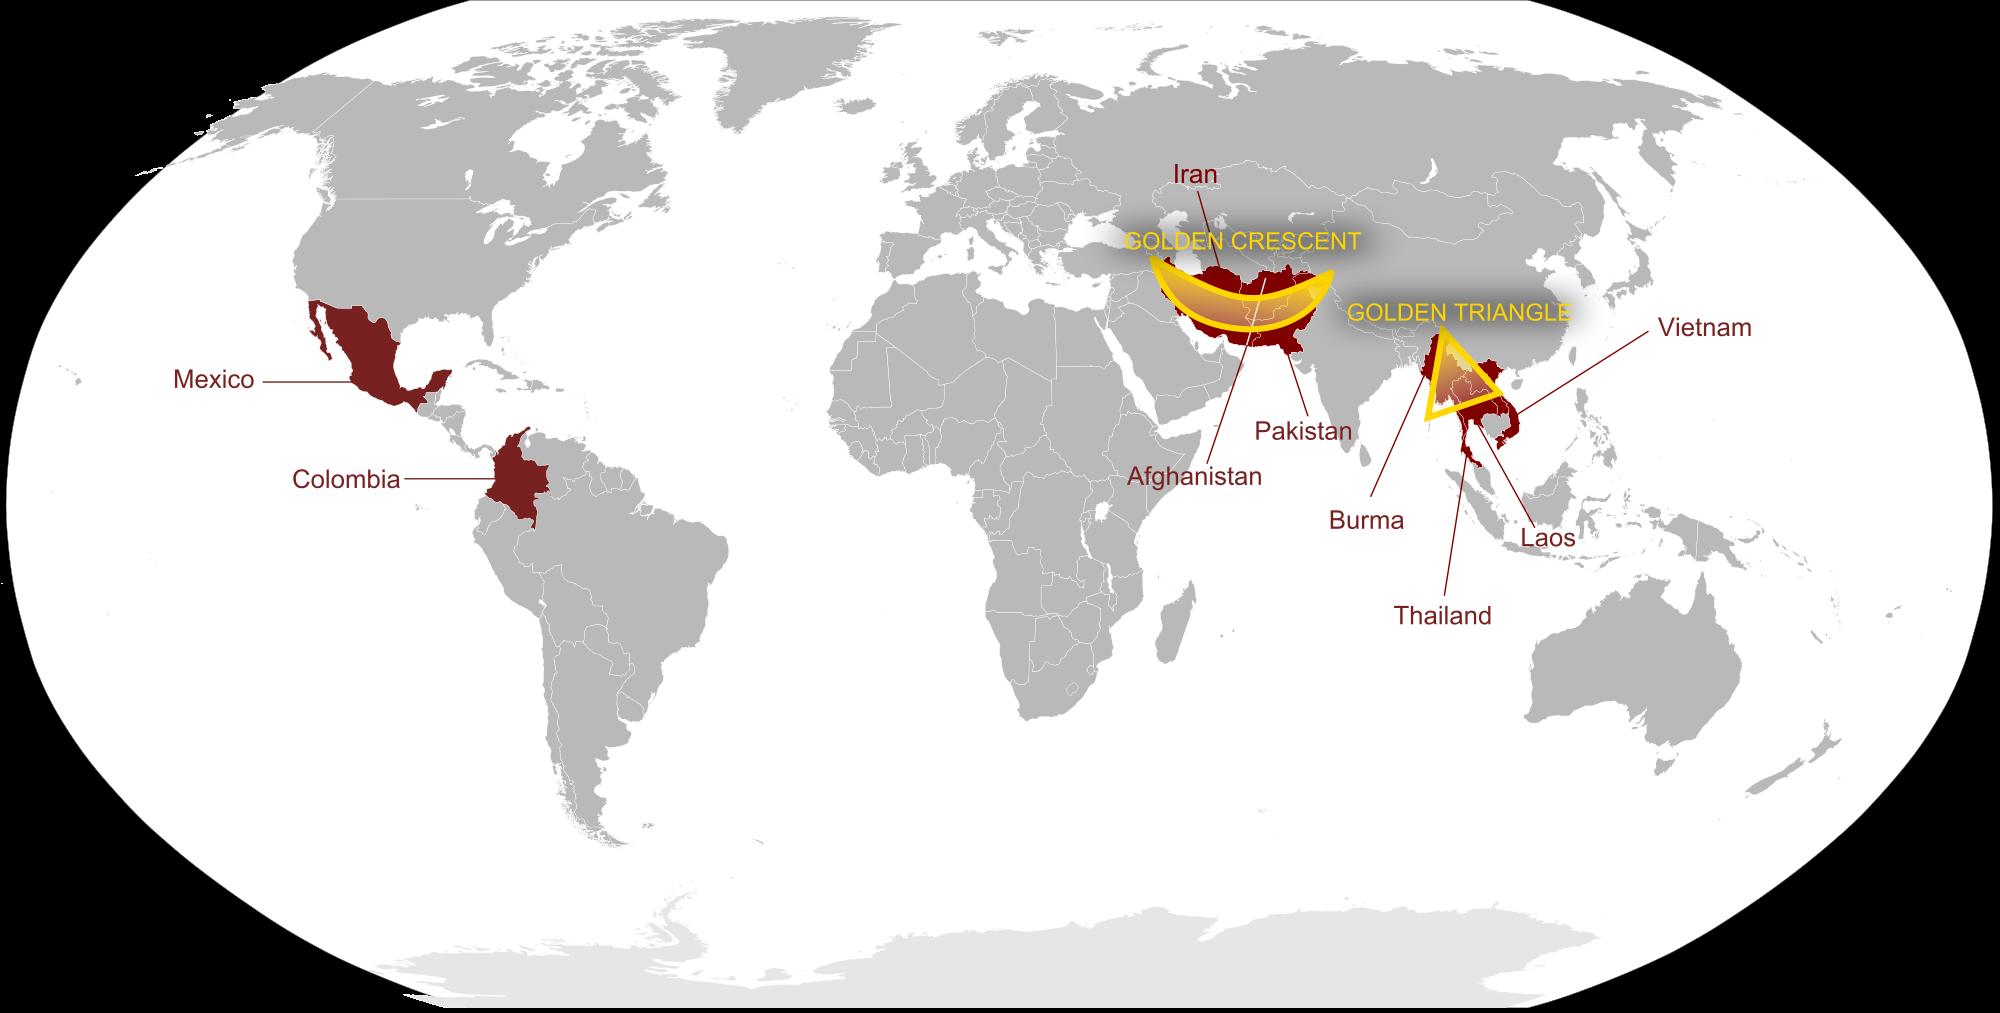 A világ kábítószer- termelésének három központja: Kolumbia, Aranyfélhold és Aranyháromszög (Mianmar-Laosz - Thaiföld).